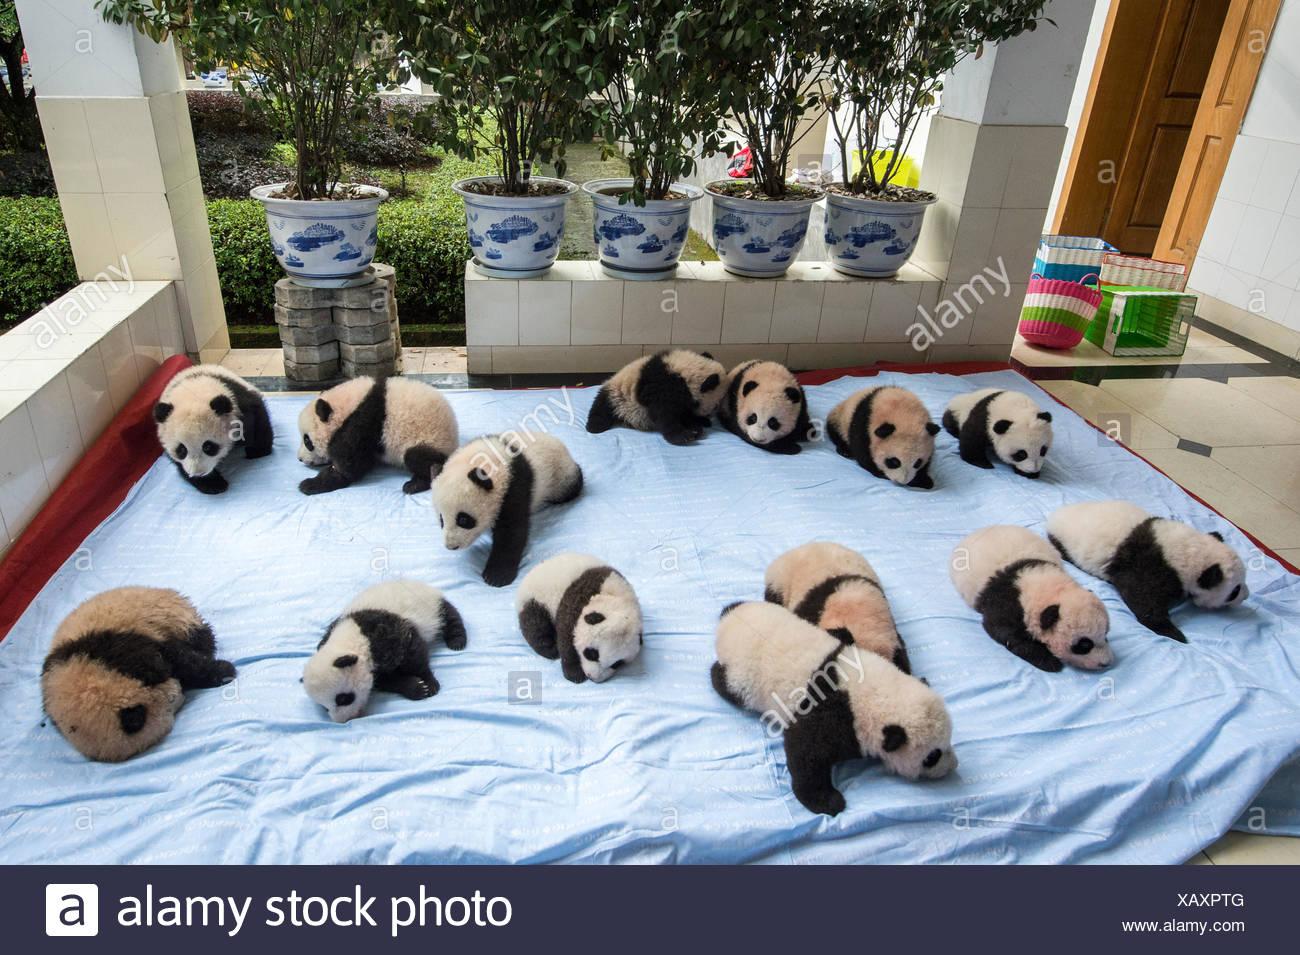 Bébé de 14 pandas géants élevés en captivité sur une couverture à la base de Bifengxia Panda panda géant centre de reproduction. Photo Stock